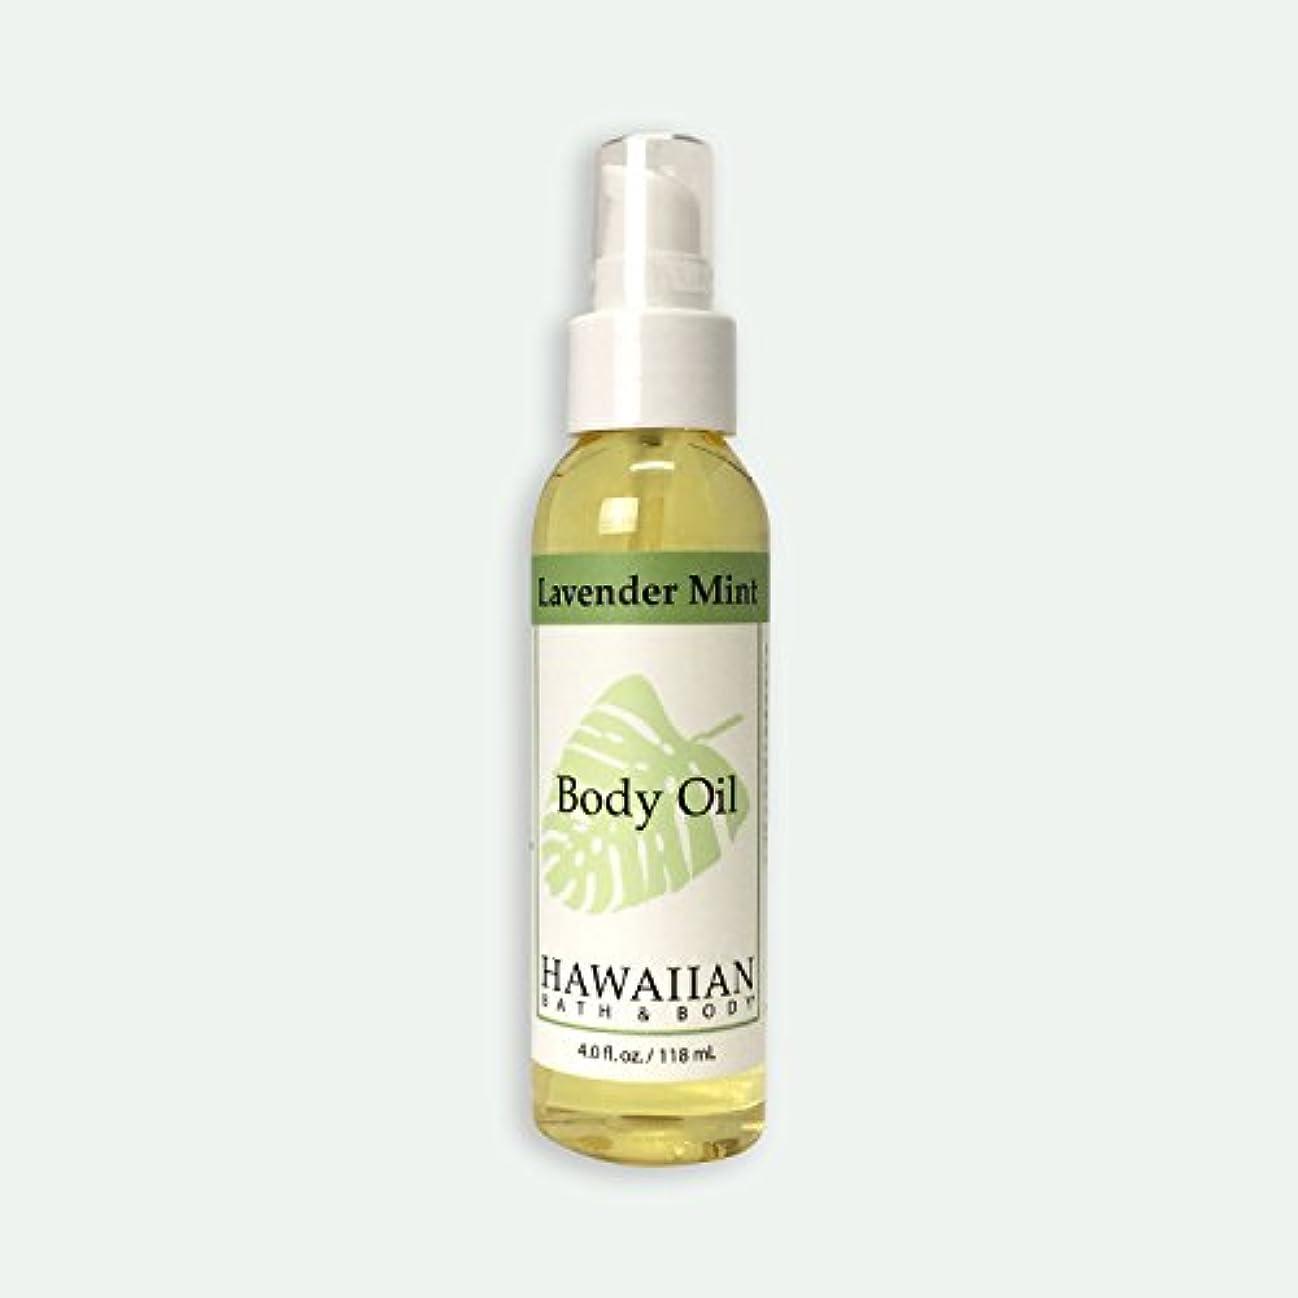 鉛否認するクラシックハワイアンバス&ボディ ラベンダーミント?ボディオイル 118ml Lavender Mint Body Oil